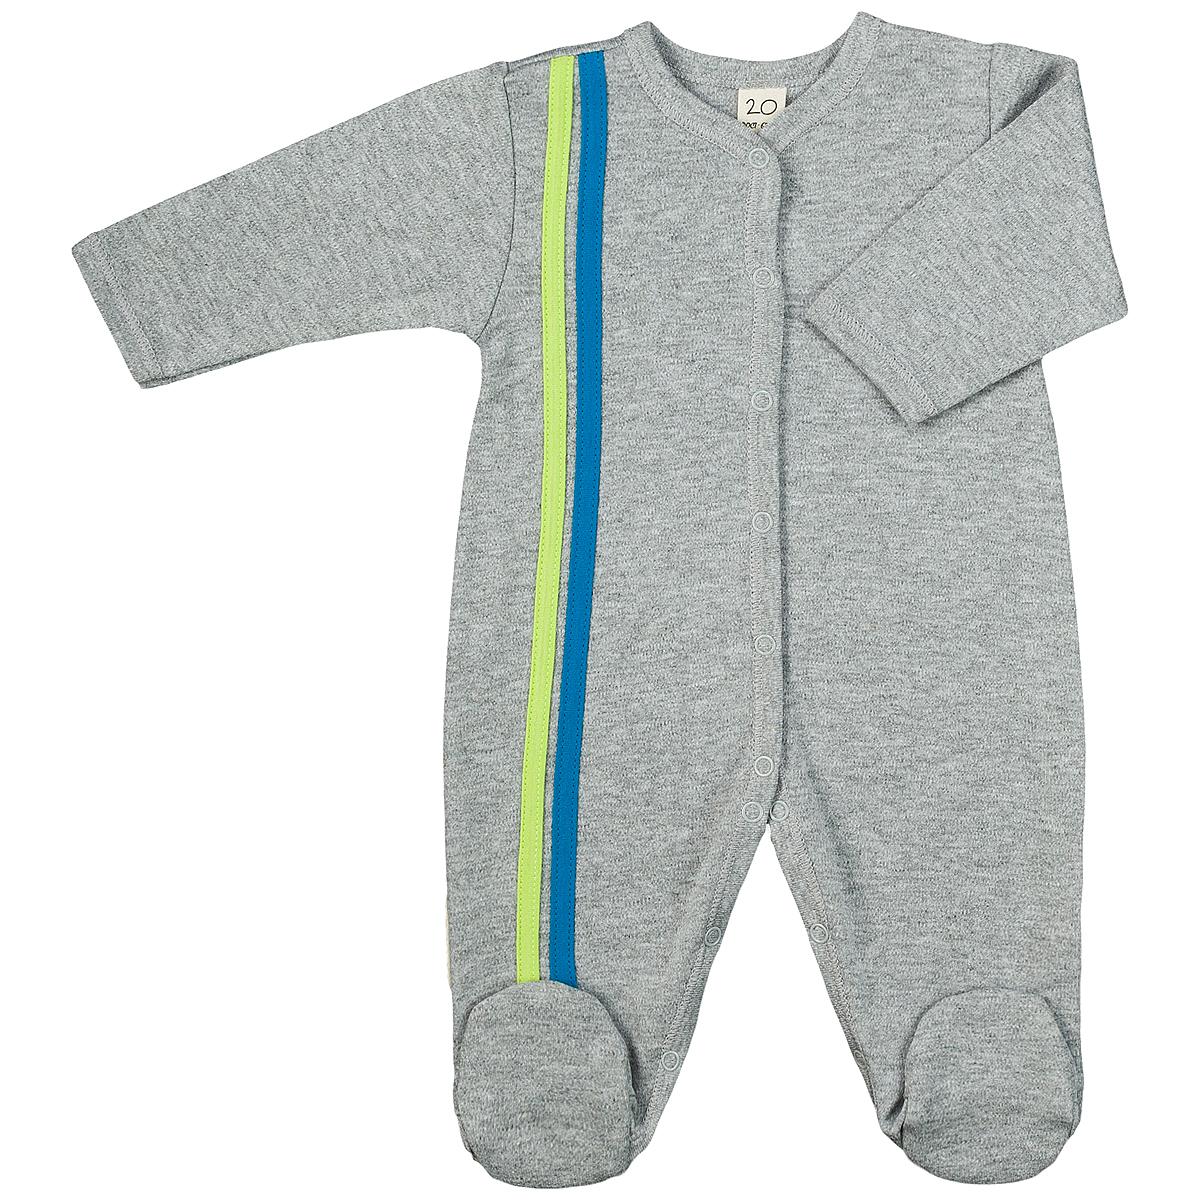 Комбинезон детский Lucky Child, цвет: серый, голубой. 1-1. Размер 68/741-1Детский комбинезон Lucky Child - очень удобный и практичный вид одежды для малышей. Комбинезон выполнен из интерлока - натурального хлопка, благодаря чему он необычайно мягкий и приятный на ощупь, не раздражают нежную кожу ребенка и хорошо вентилируются, а эластичные швы приятны телу малыша и не препятствуют его движениям. Комбинезон с длинными рукавами и закрытыми ножками имеет застежки-кнопки от горловины до щиколоток, которые помогают легко переодеть младенца или сменить подгузник. Отделкой служат лампасы контрастного цвета по боковому шву. С детским комбинезоном Lucky Child спинка и ножки вашего малыша всегда будут в тепле, он идеален для использования днем и незаменим ночью. Комбинезон полностью соответствует особенностям жизни младенца в ранний период, не стесняя и не ограничивая его в движениях!